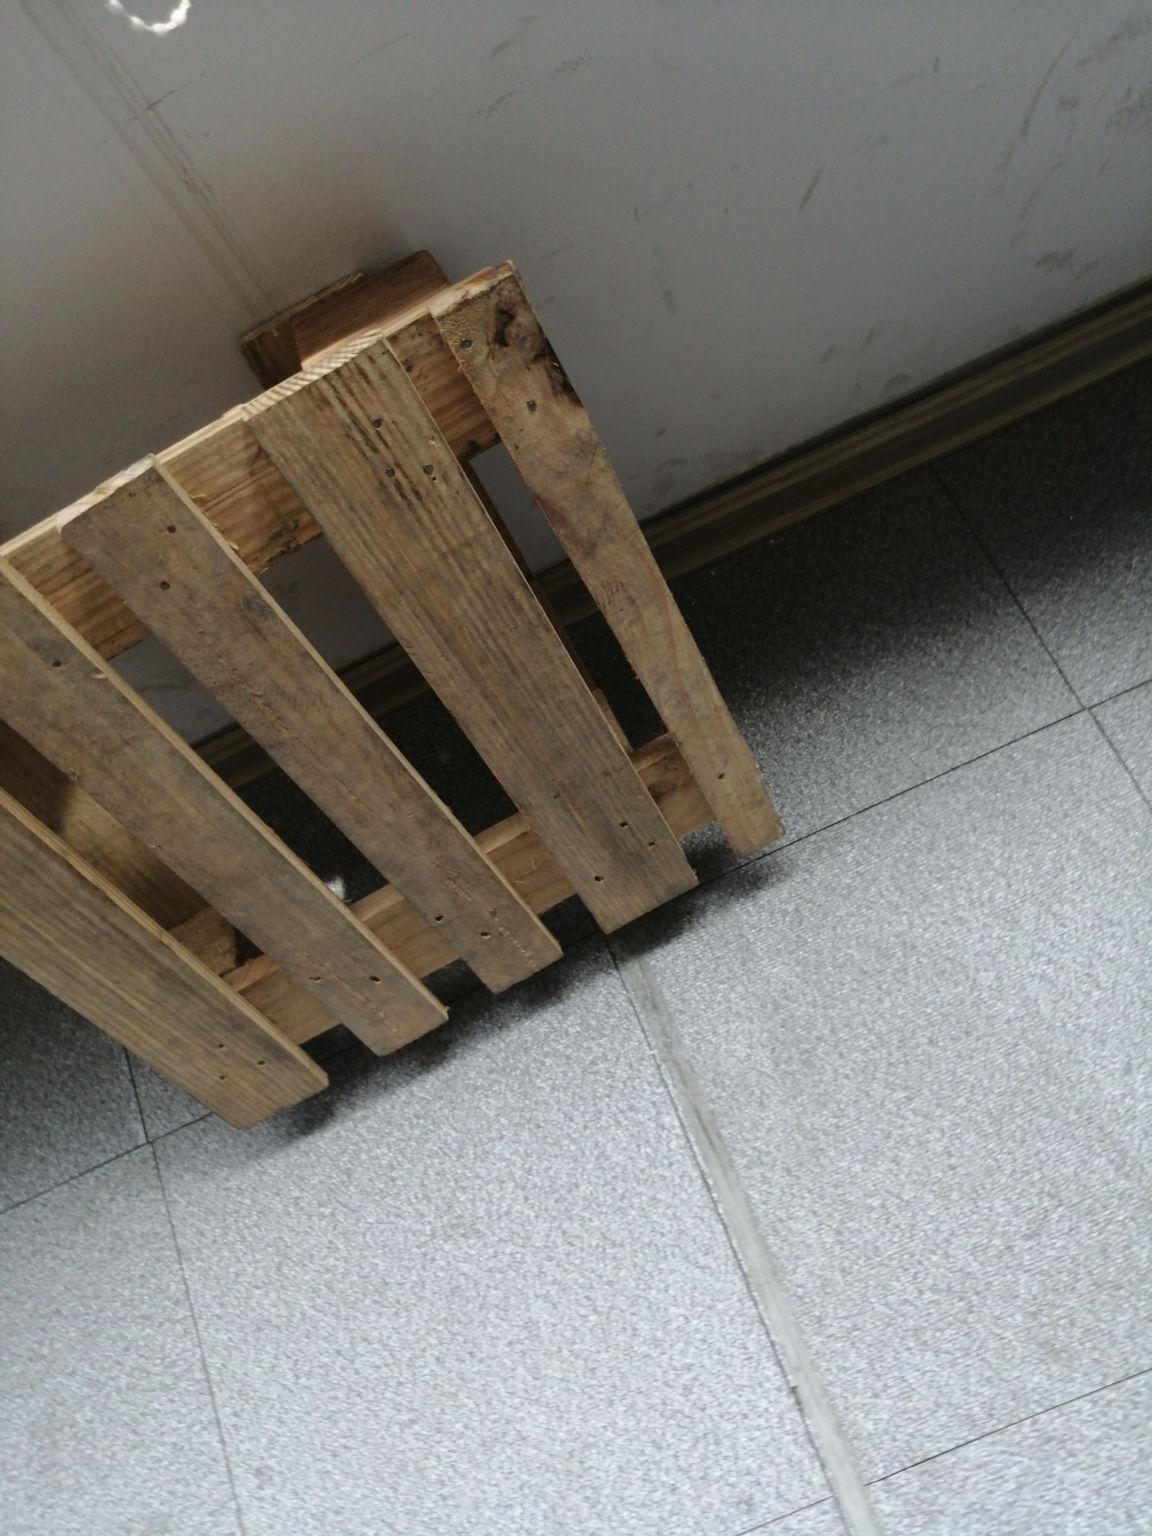 南京销售大尺寸木托盘类?,ø ∰,Ⓘ┝☬于柜体?,☾£=⇥?的销售一拖一小尺寸